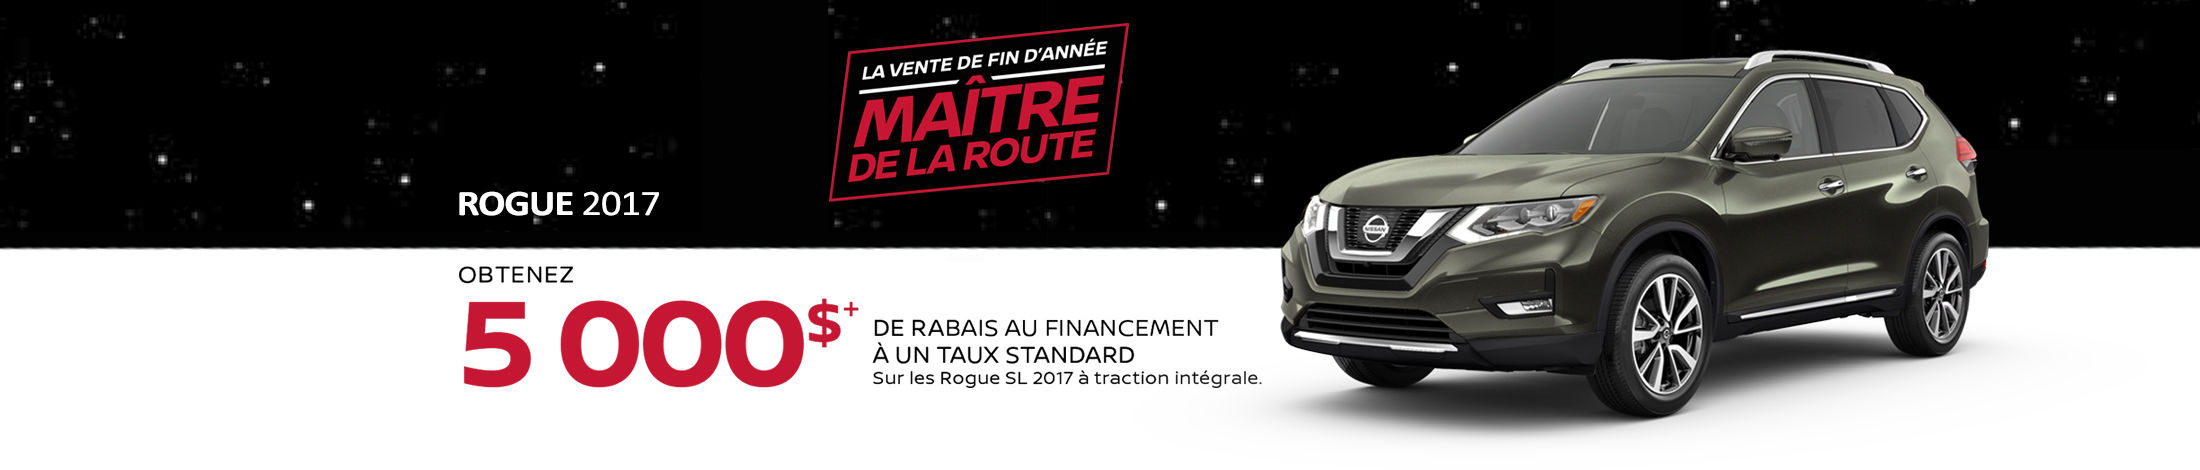 Nissan Rogue Promotion novembre - Banner